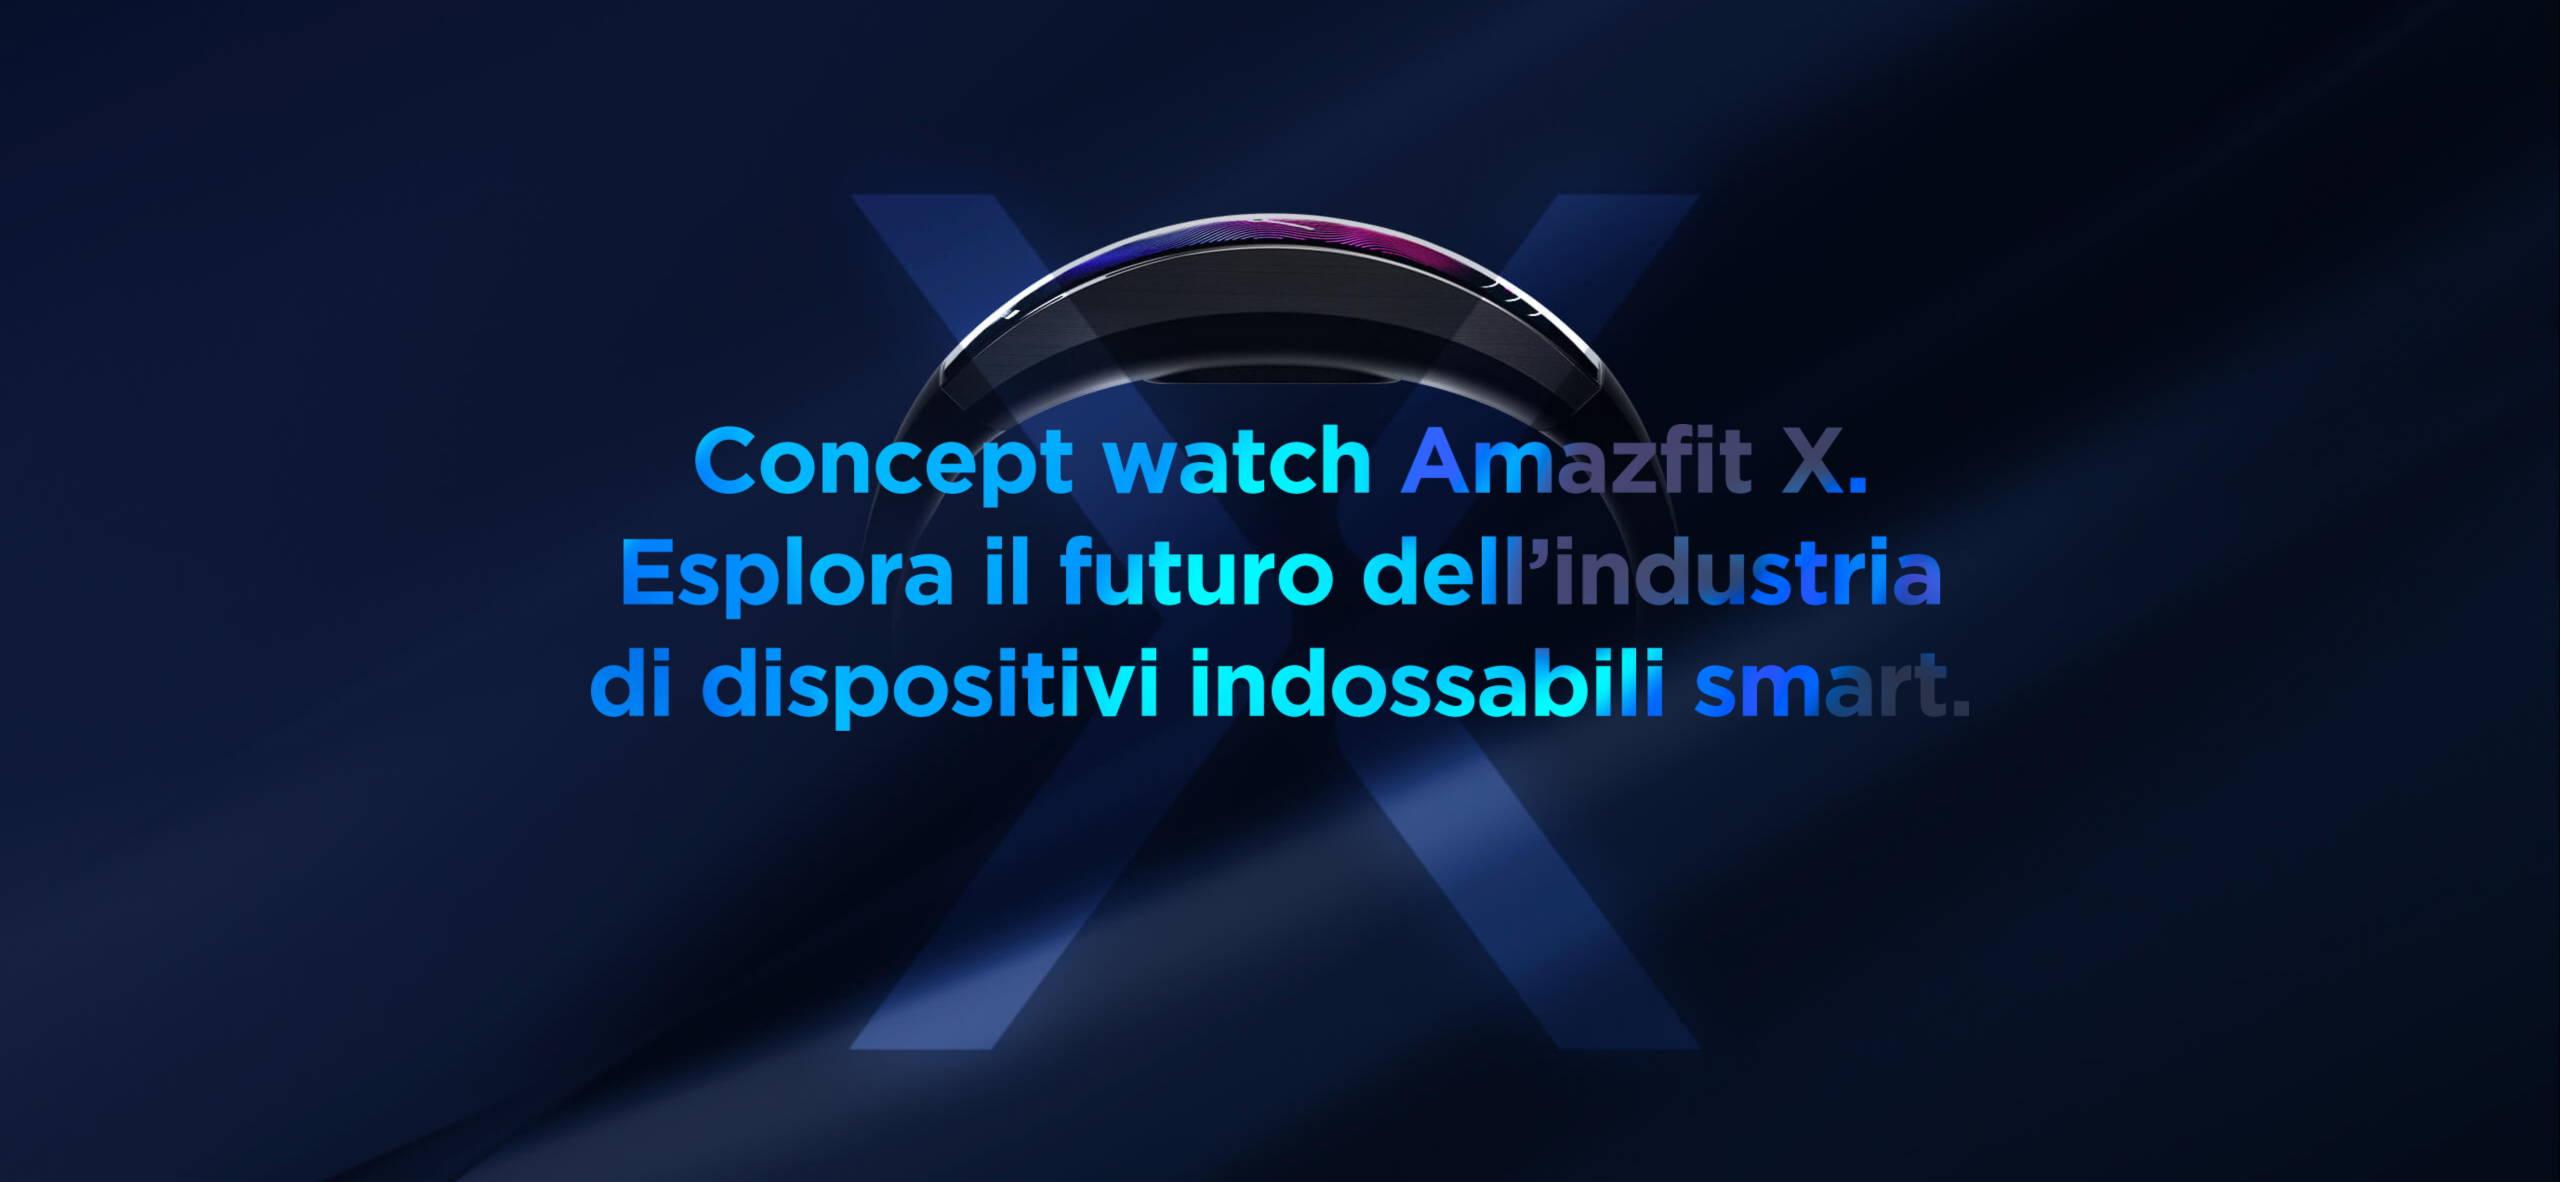 Amazfit X - Concept watch Amazfit X.Esplora il futuro dell'industria di dispositivi indossabili smart.